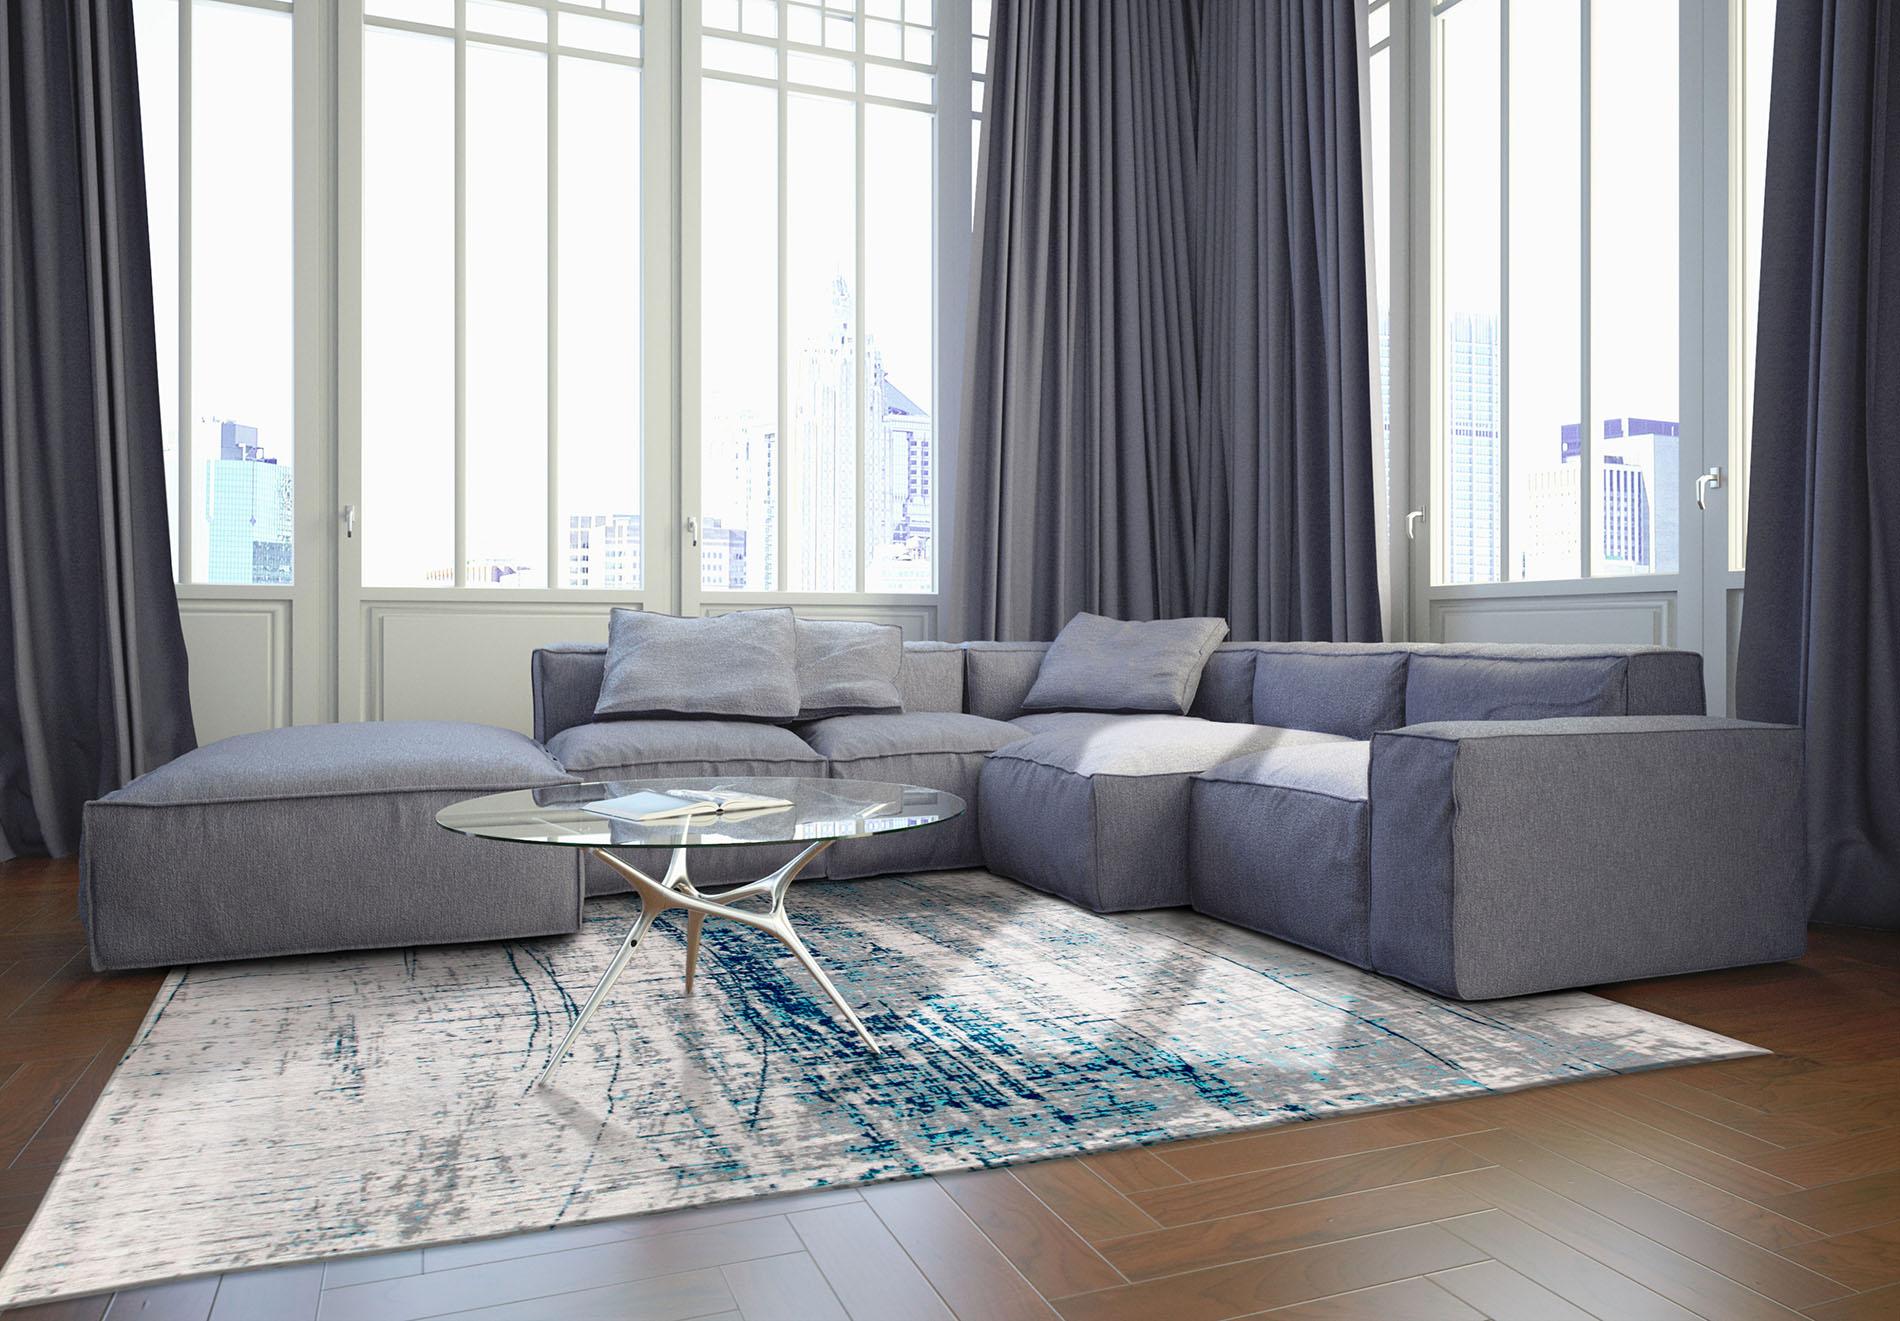 Dywany dostępne w Internity Home